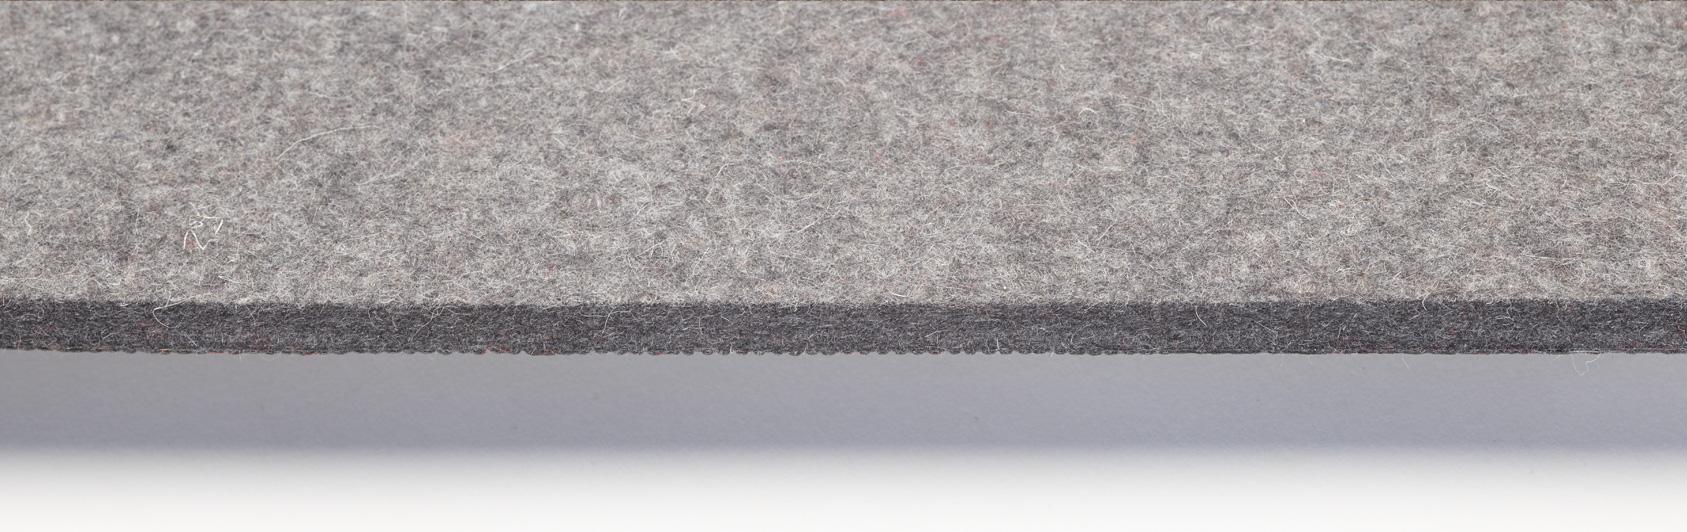 coussin qualité feutre couleur grise